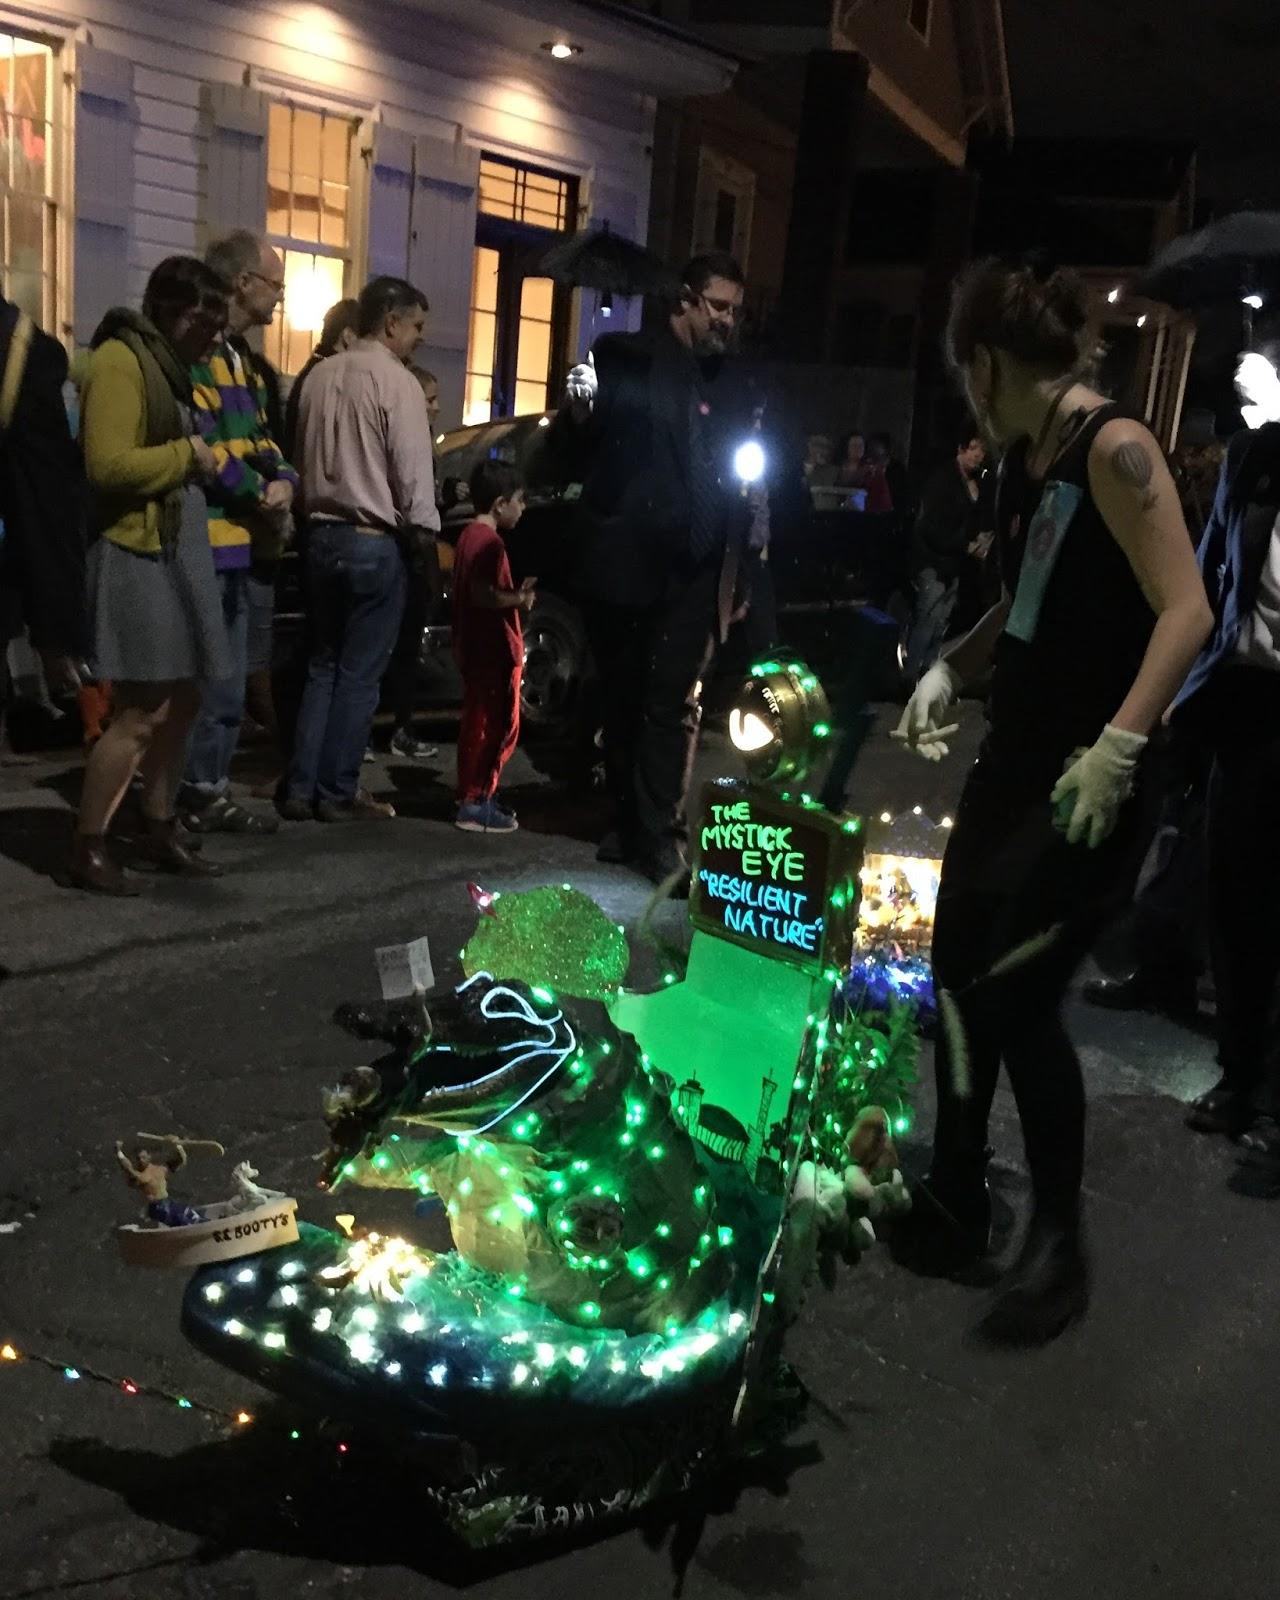 Tiny tit parade